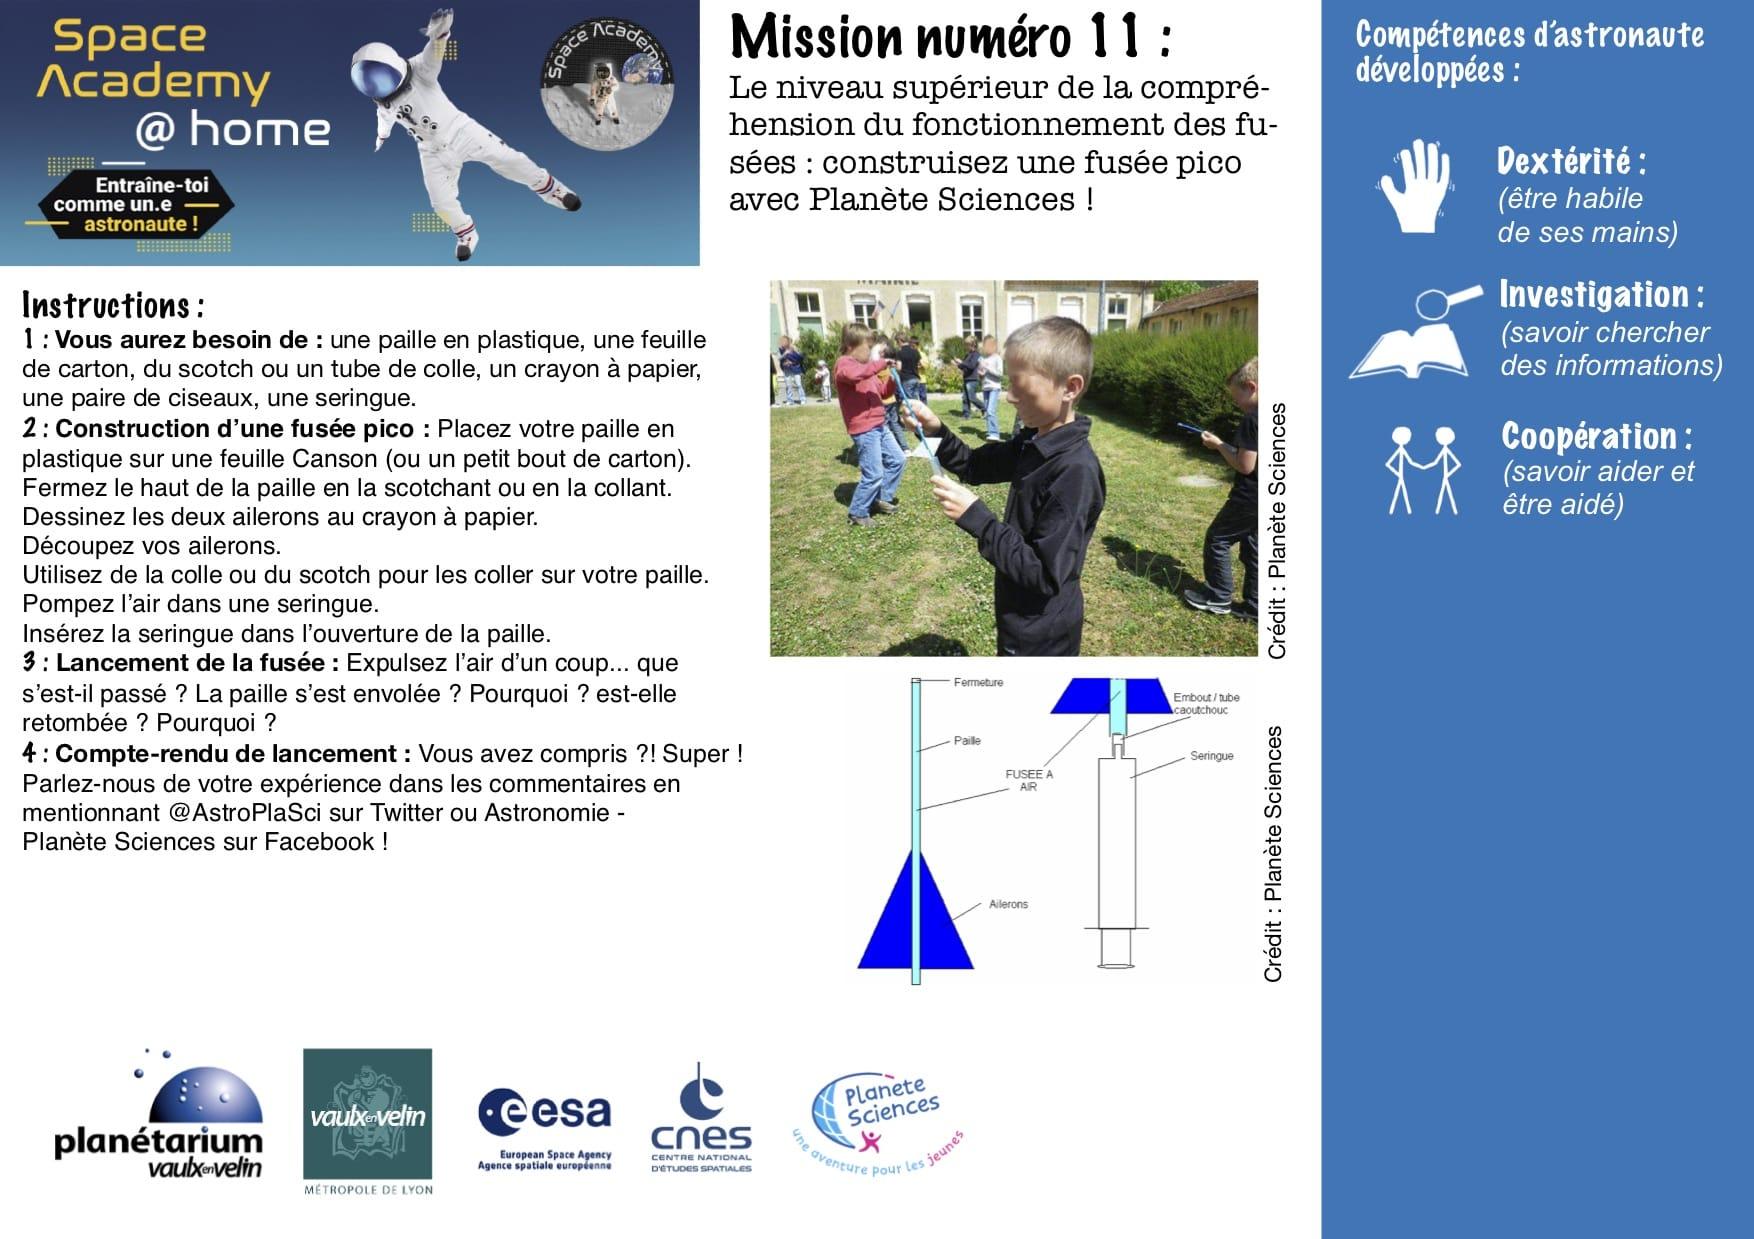 Missions du Planétarium 11 à 15